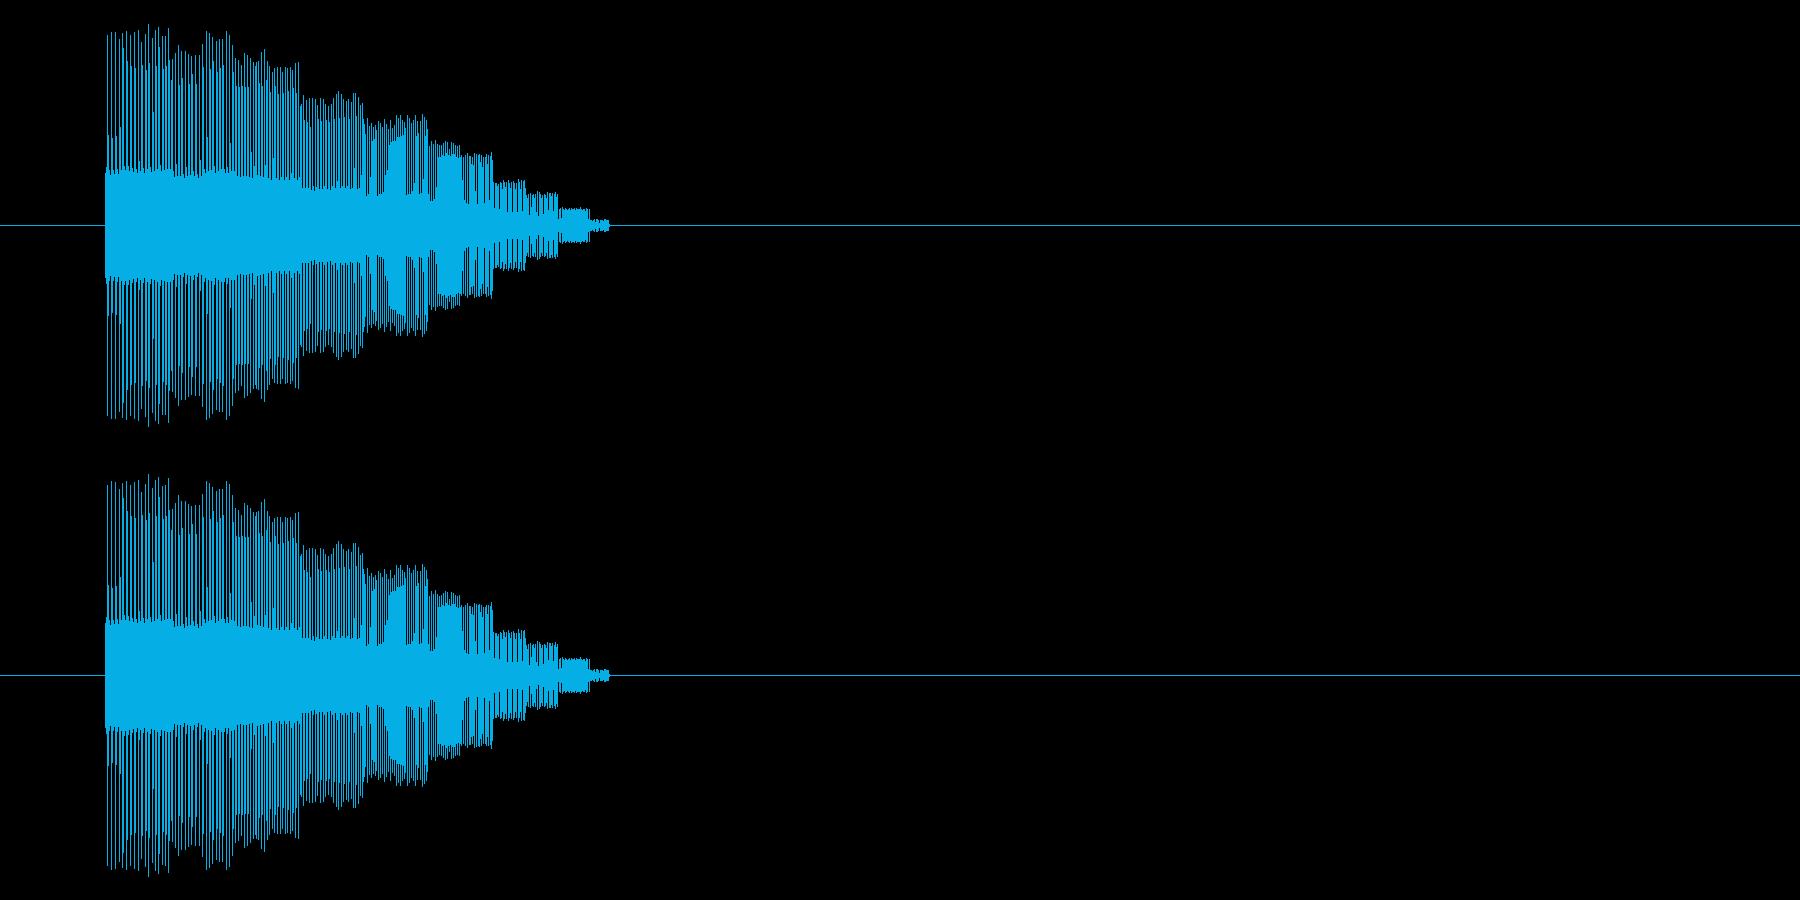 【NES 汎用01-06(ピッチ)】の再生済みの波形